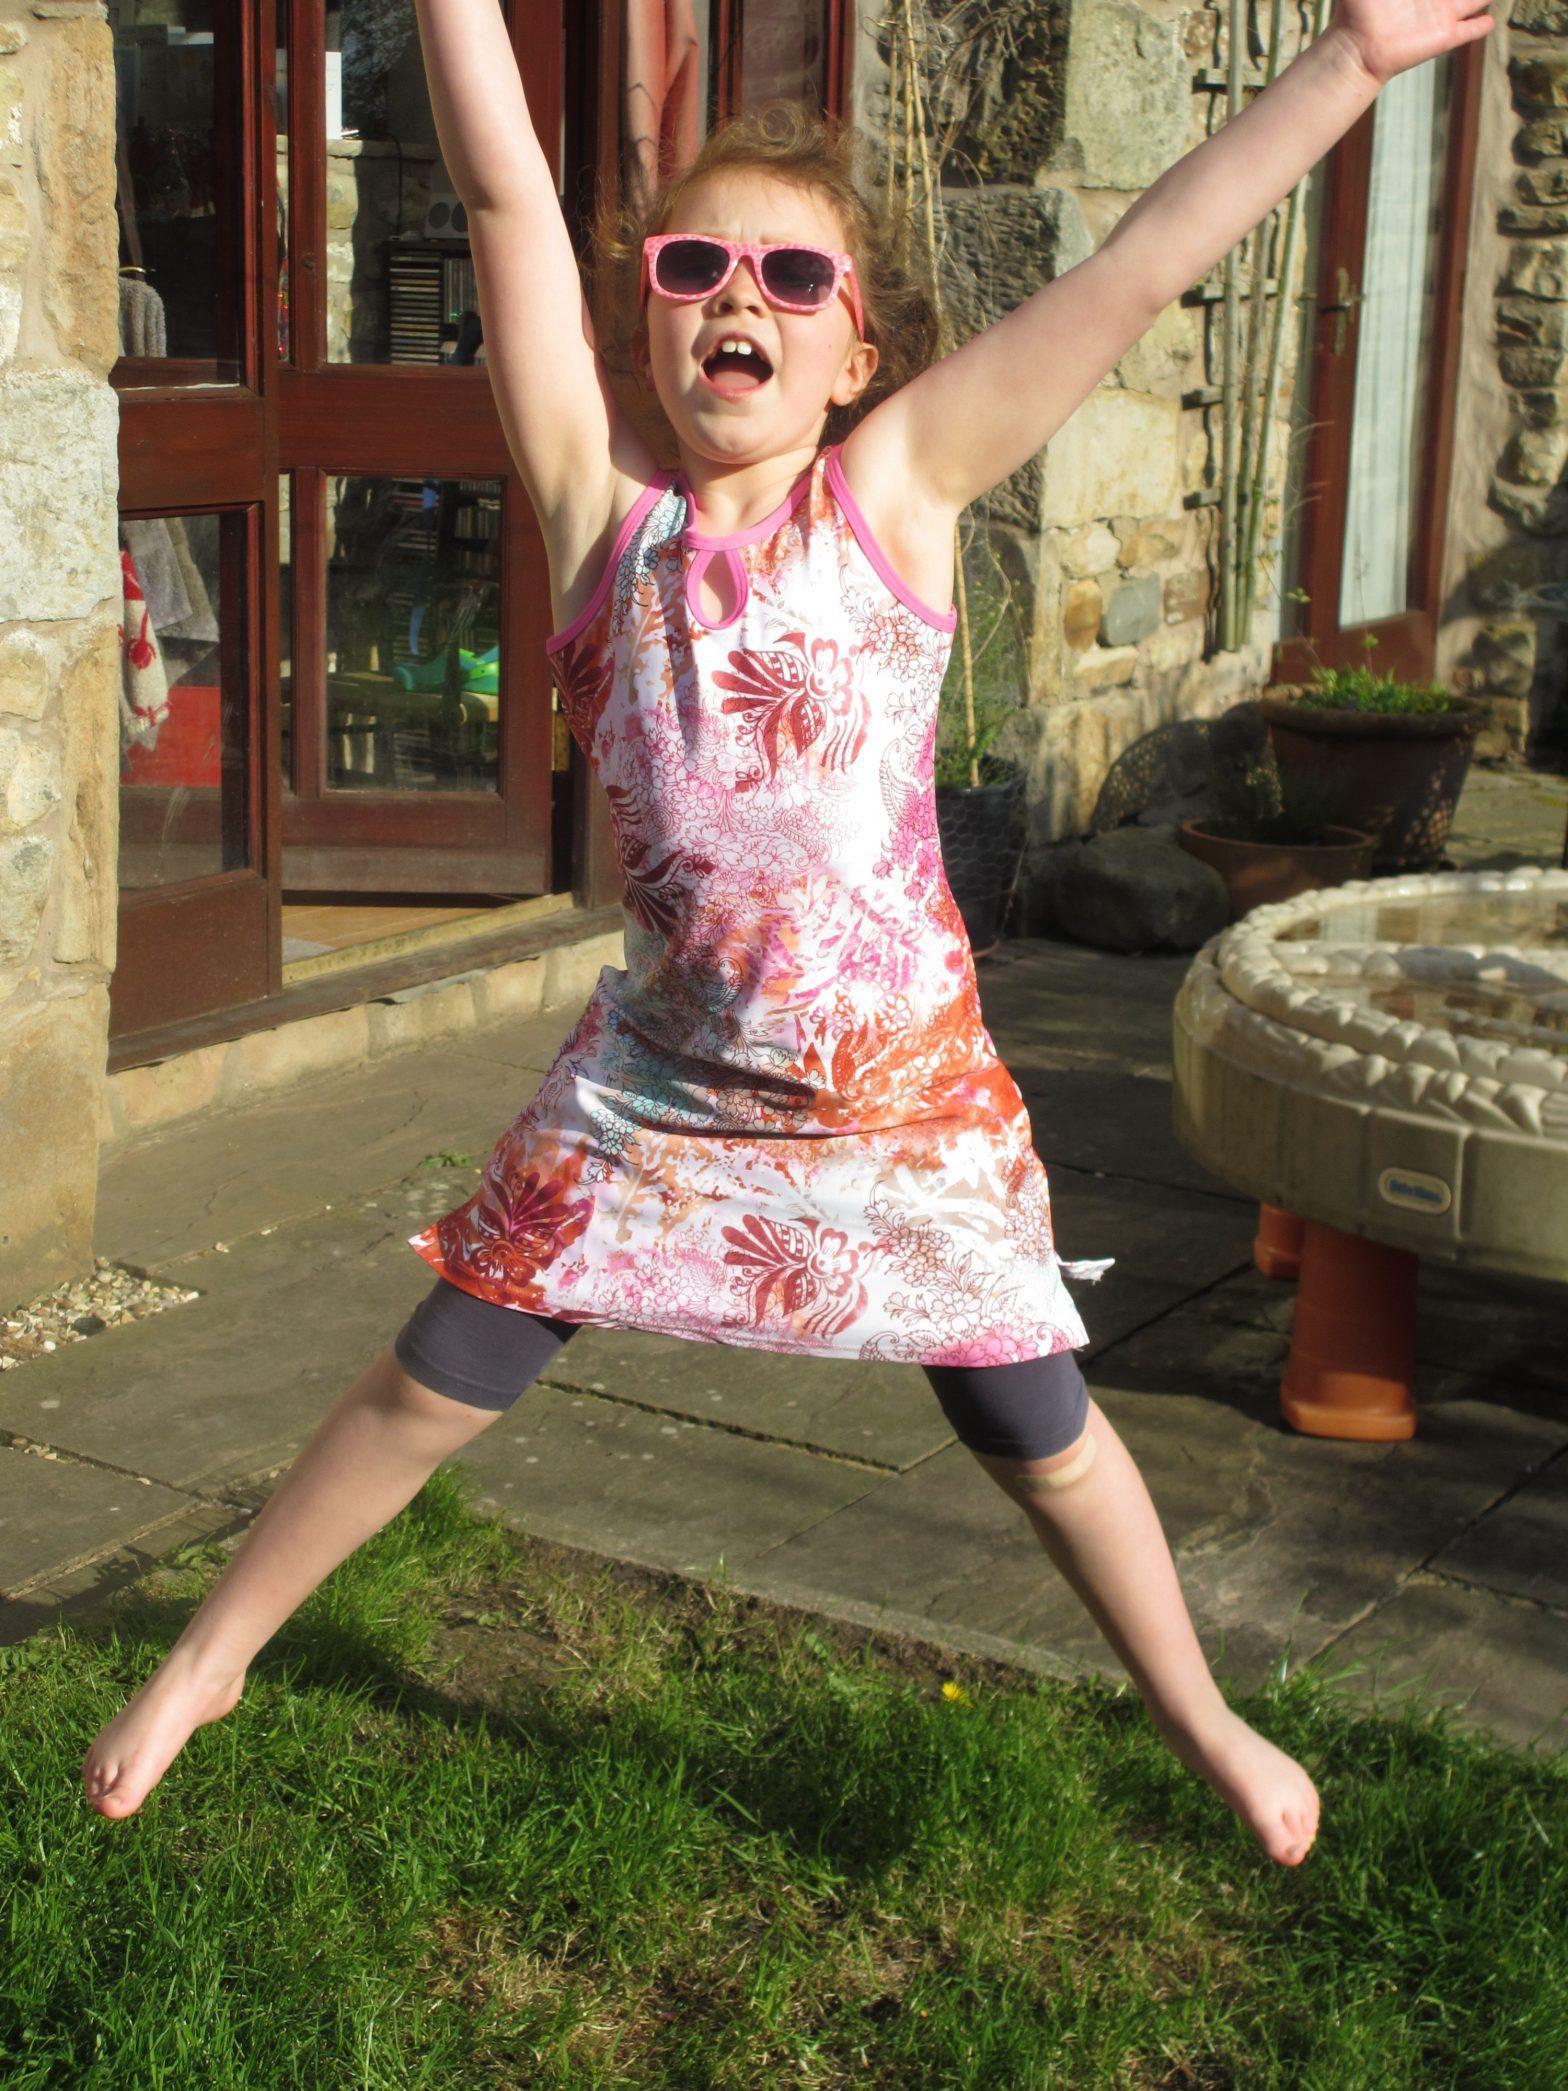 Nurturing a love of exercise in children